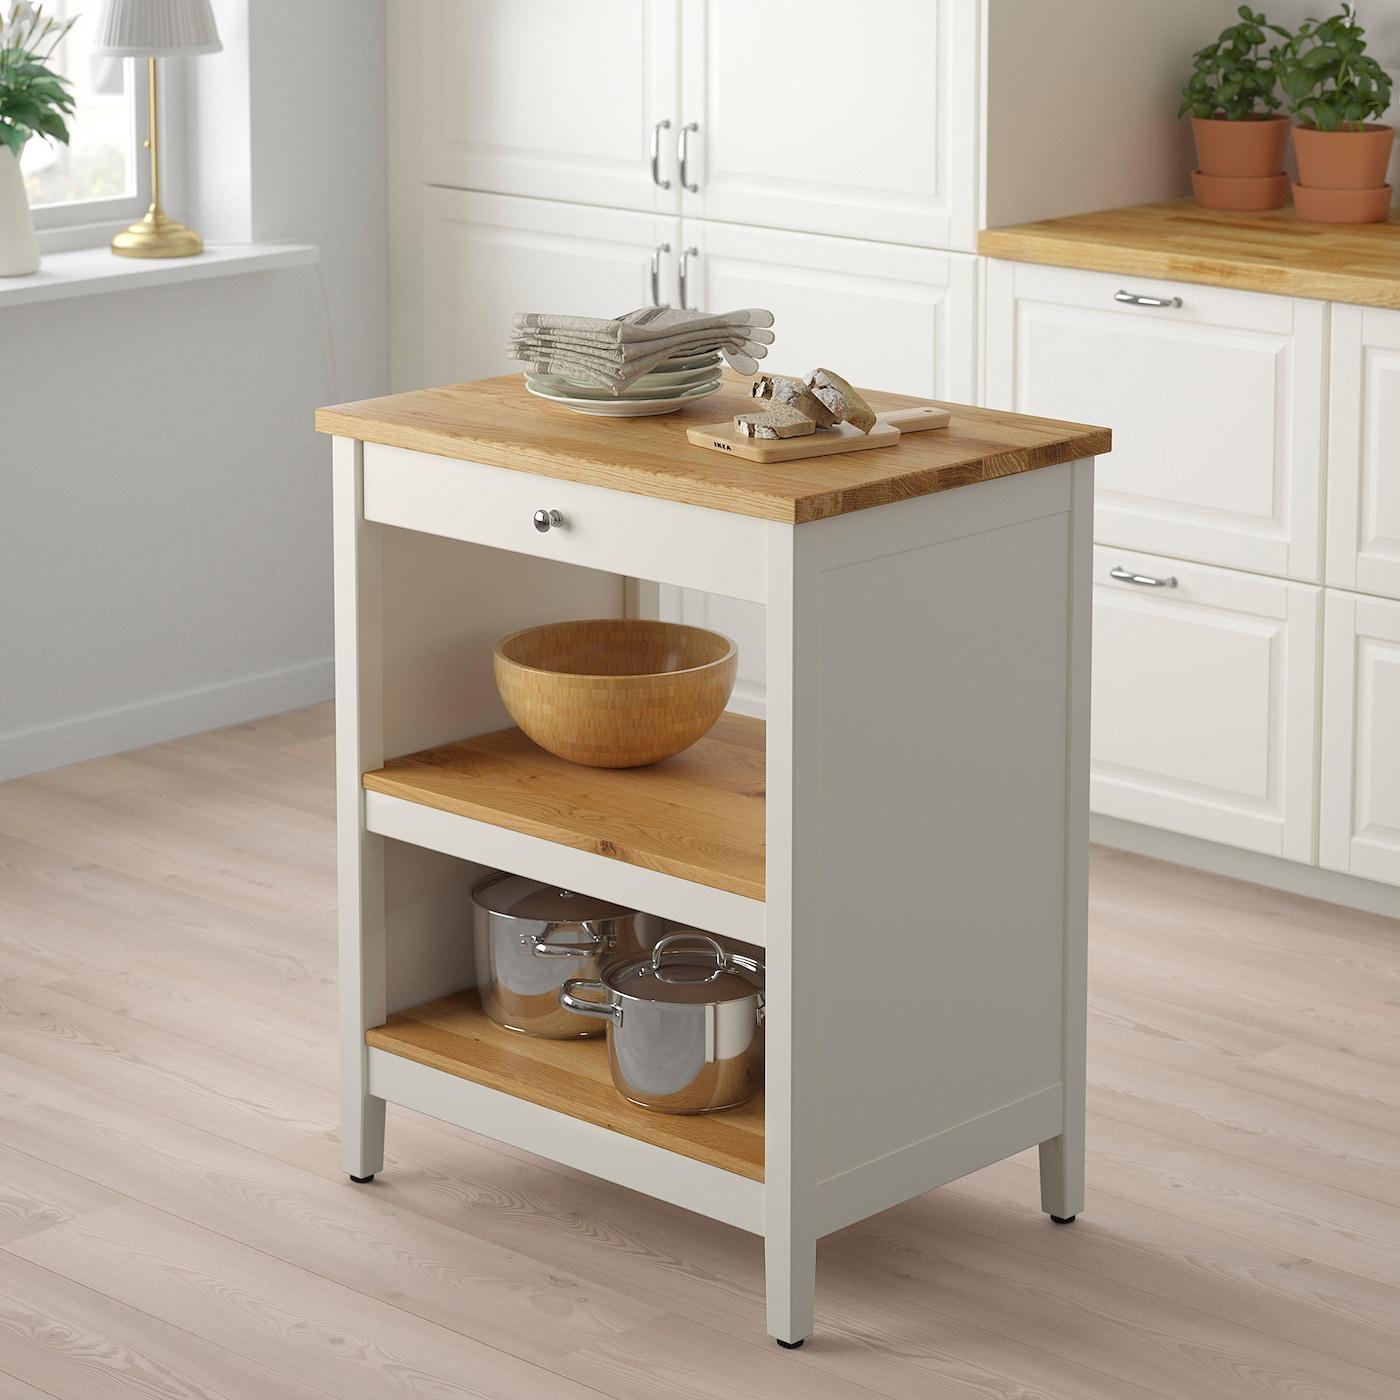 TORNVIKEN Îlot pour cuisine - blanc cassé/chêne 13x13 cm